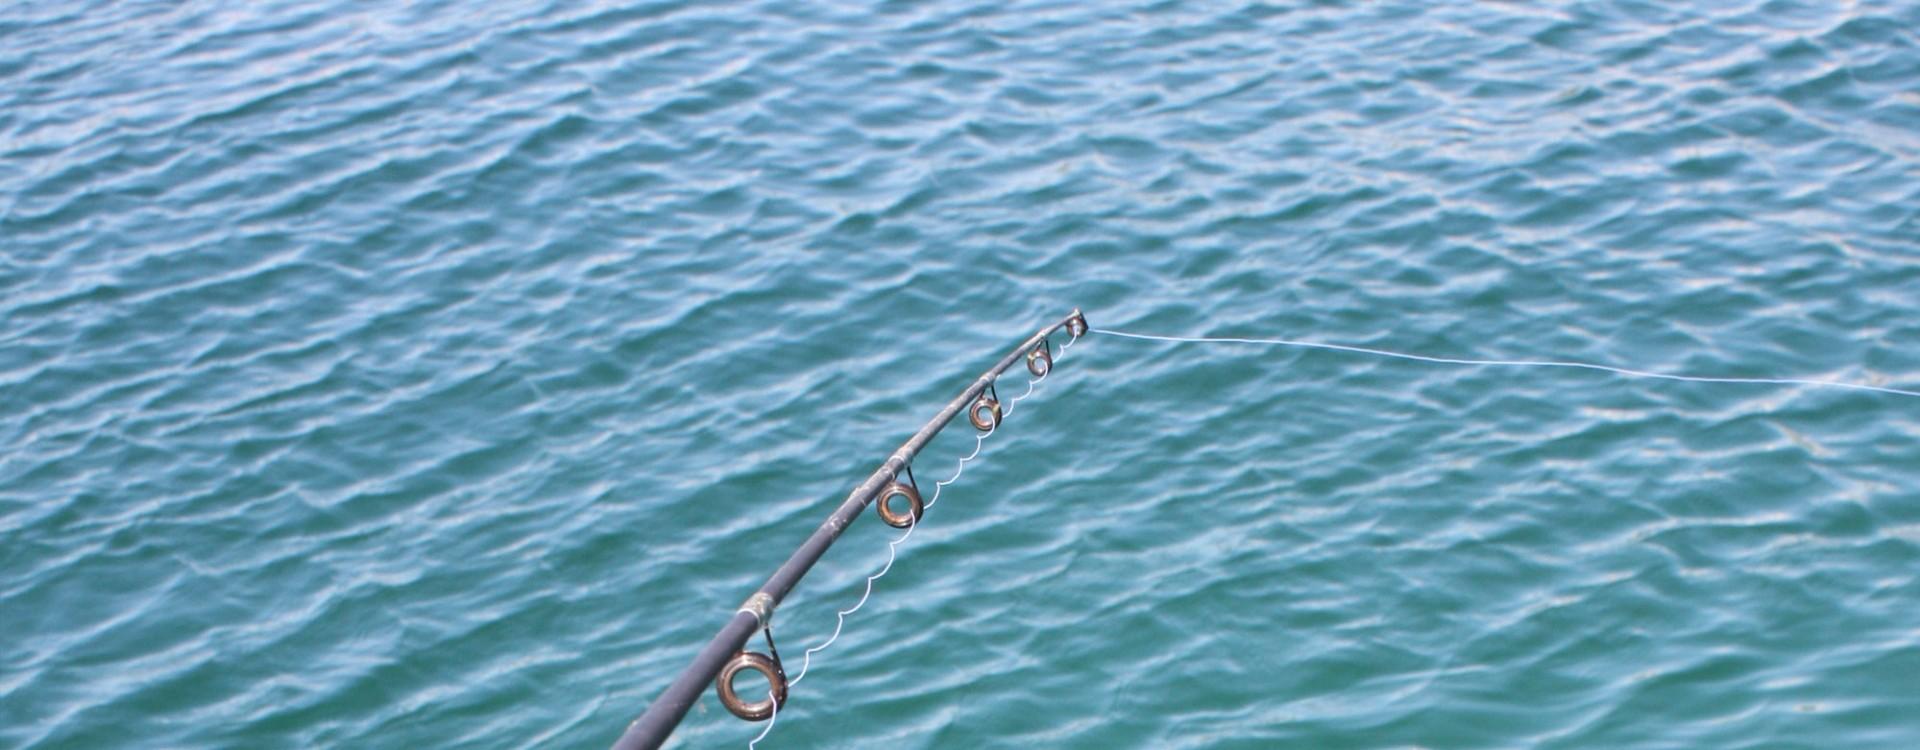 Fisch Glück